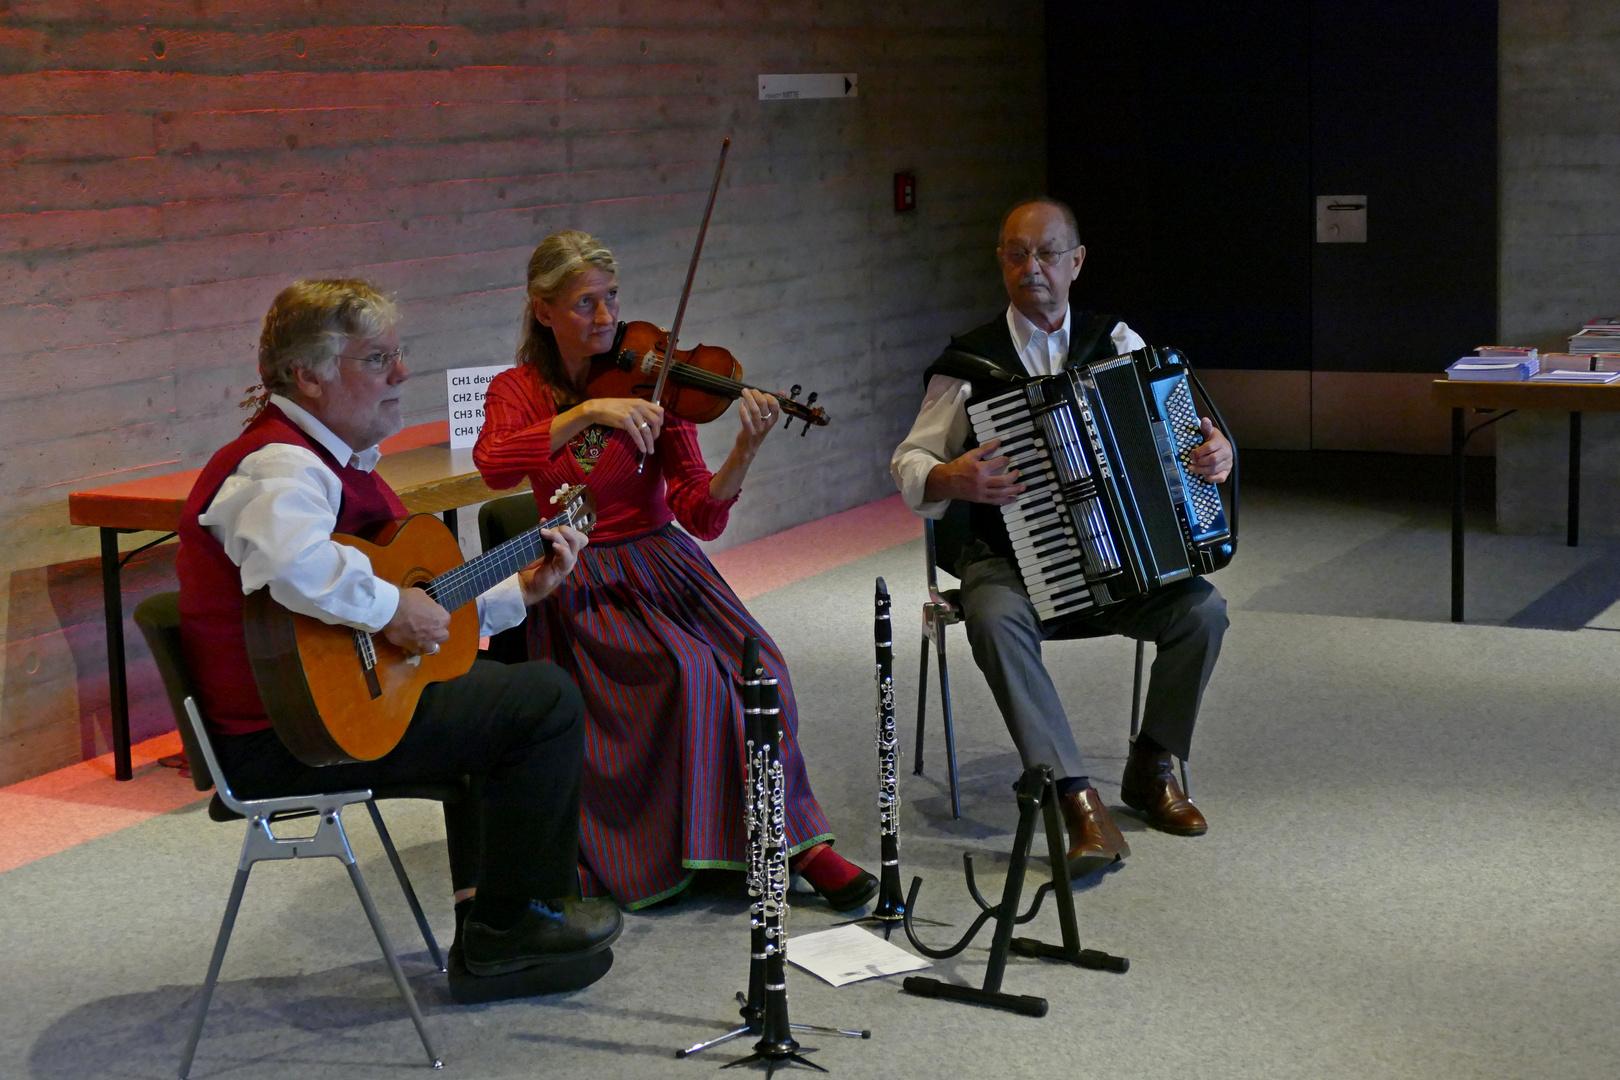 25. IAVE Welt-Freiwilligenkonferenz 2018 in Augsburg - Deutschland - 17.10.2018 Kongress am Park Willkommen - Foto: Christoph Urban - Freiwilligen-Zentrum Augsburg